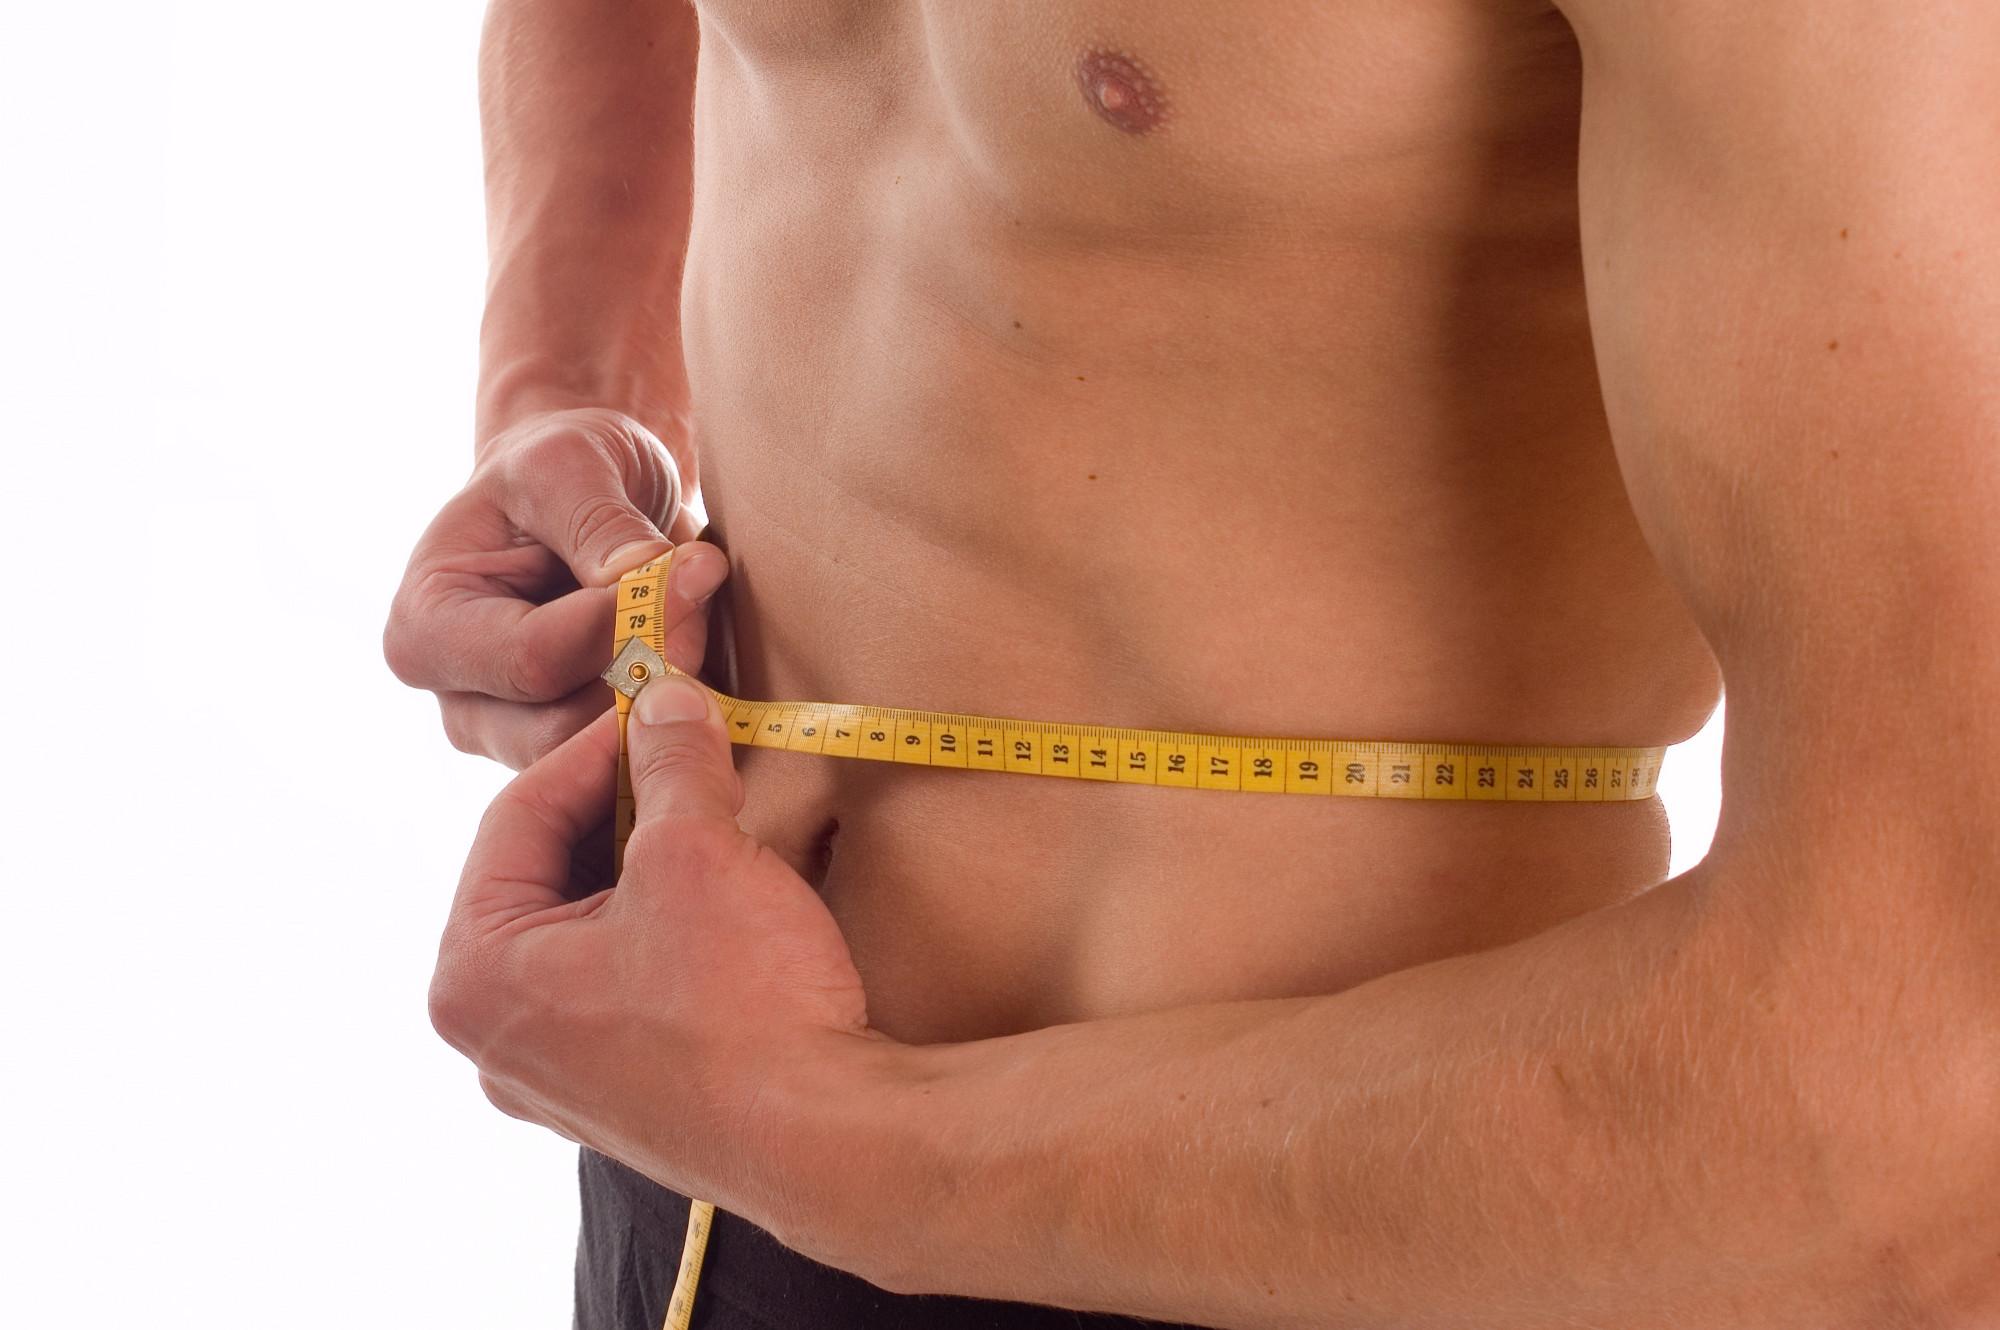 Как Сбросить Лишний Вес Для Мужиков. Как похудеть мужчине в домашних условиях и тренажерном зале